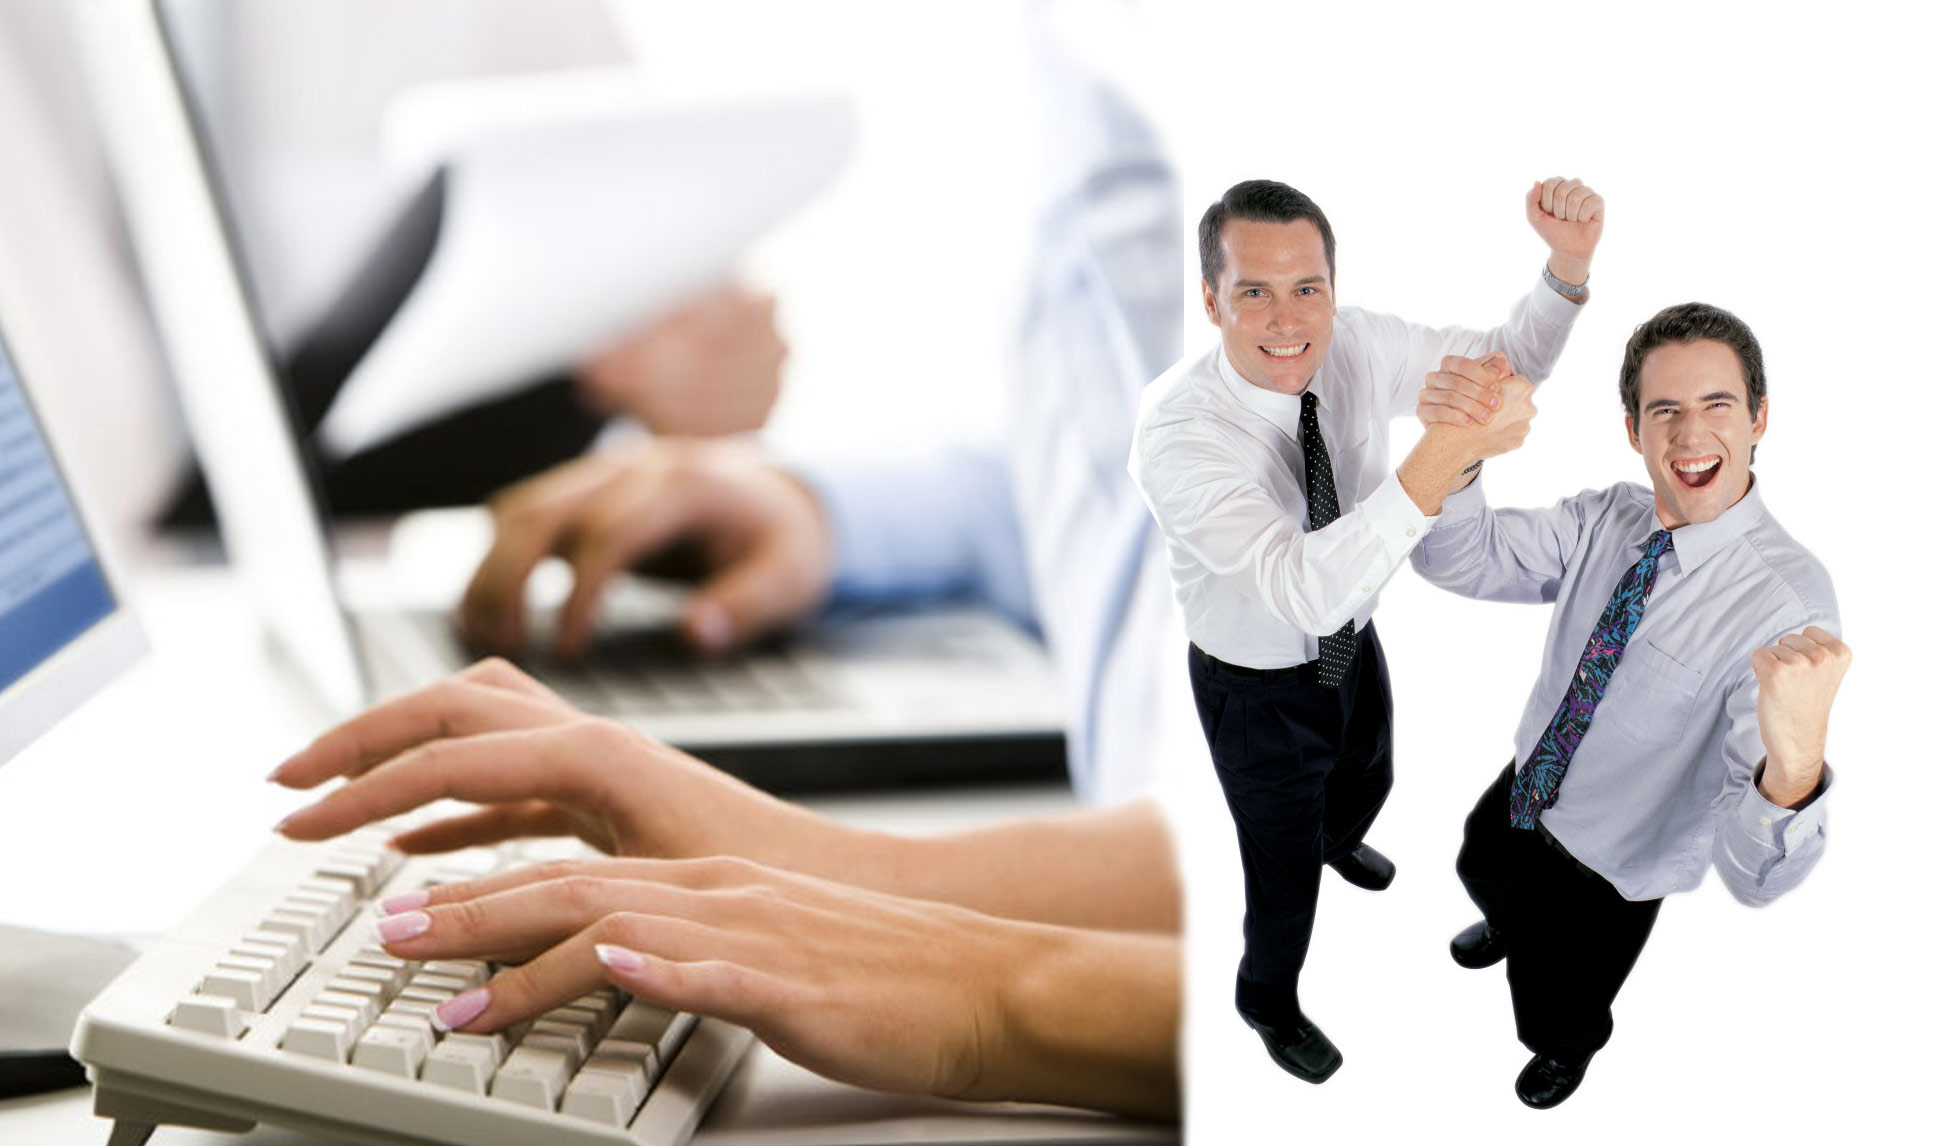 Những lời khuyên hữu ích cho việc làm nhân viên IT